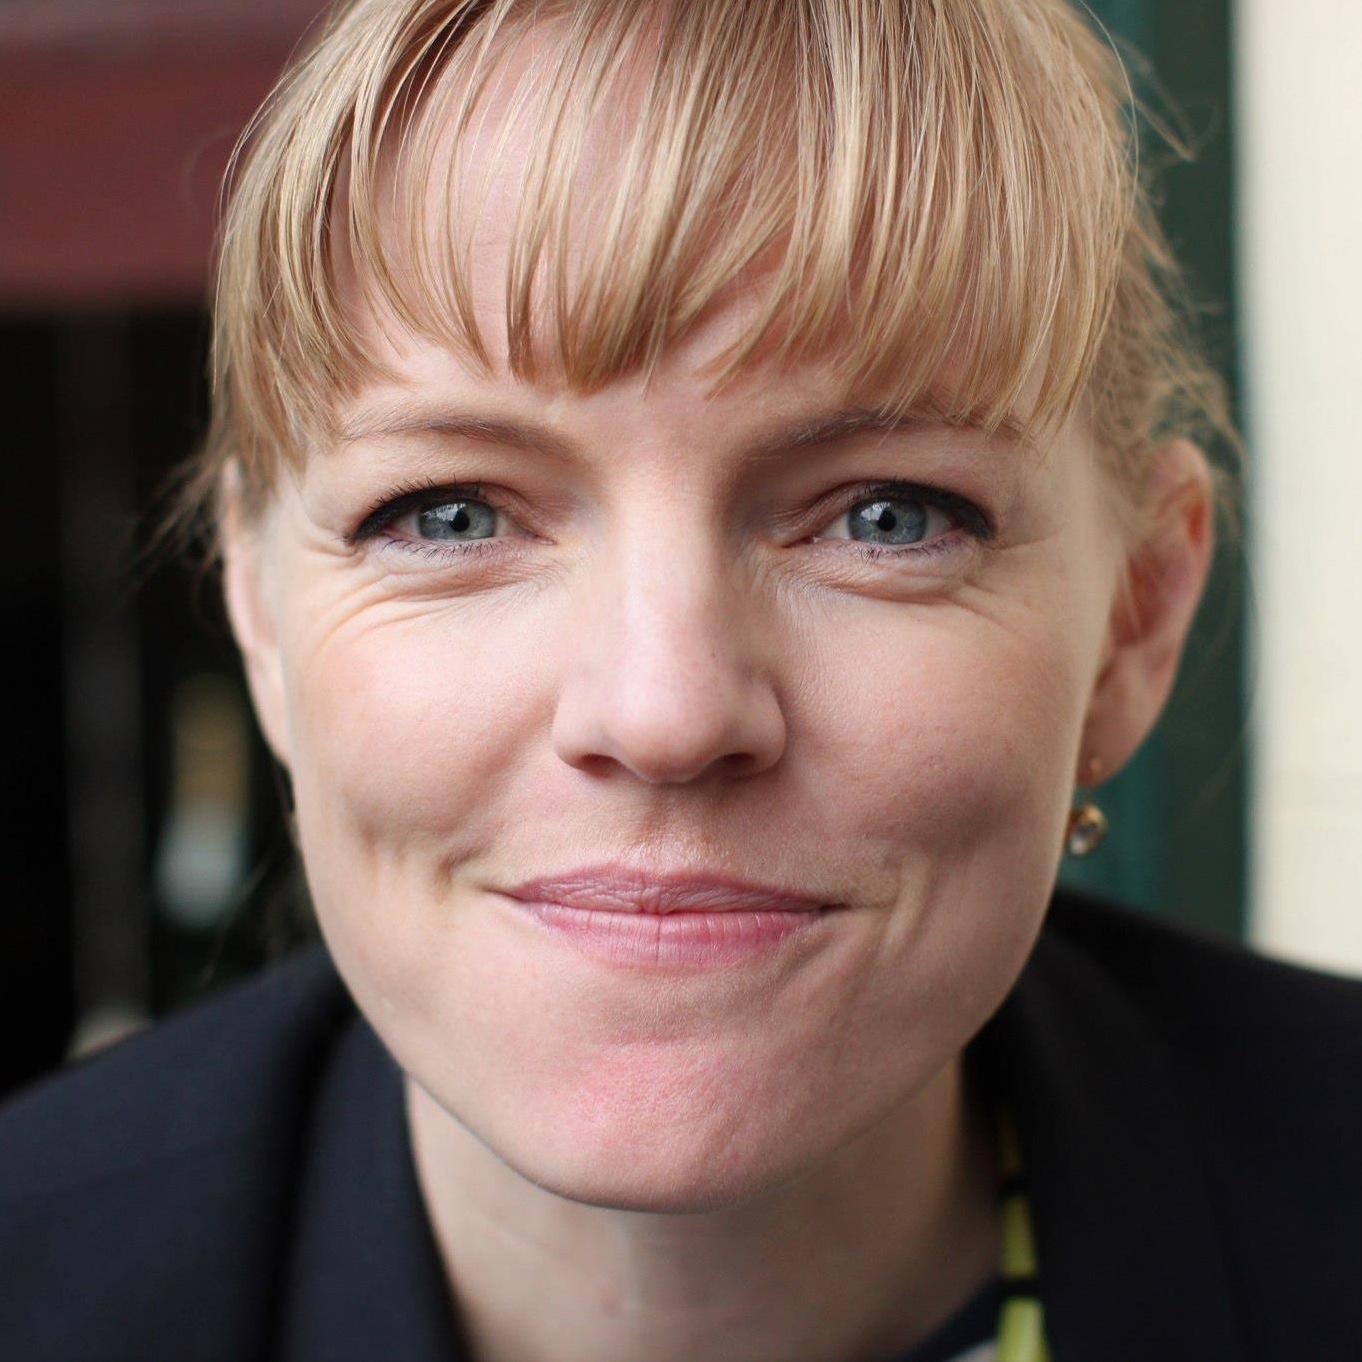 Natalie Bedini